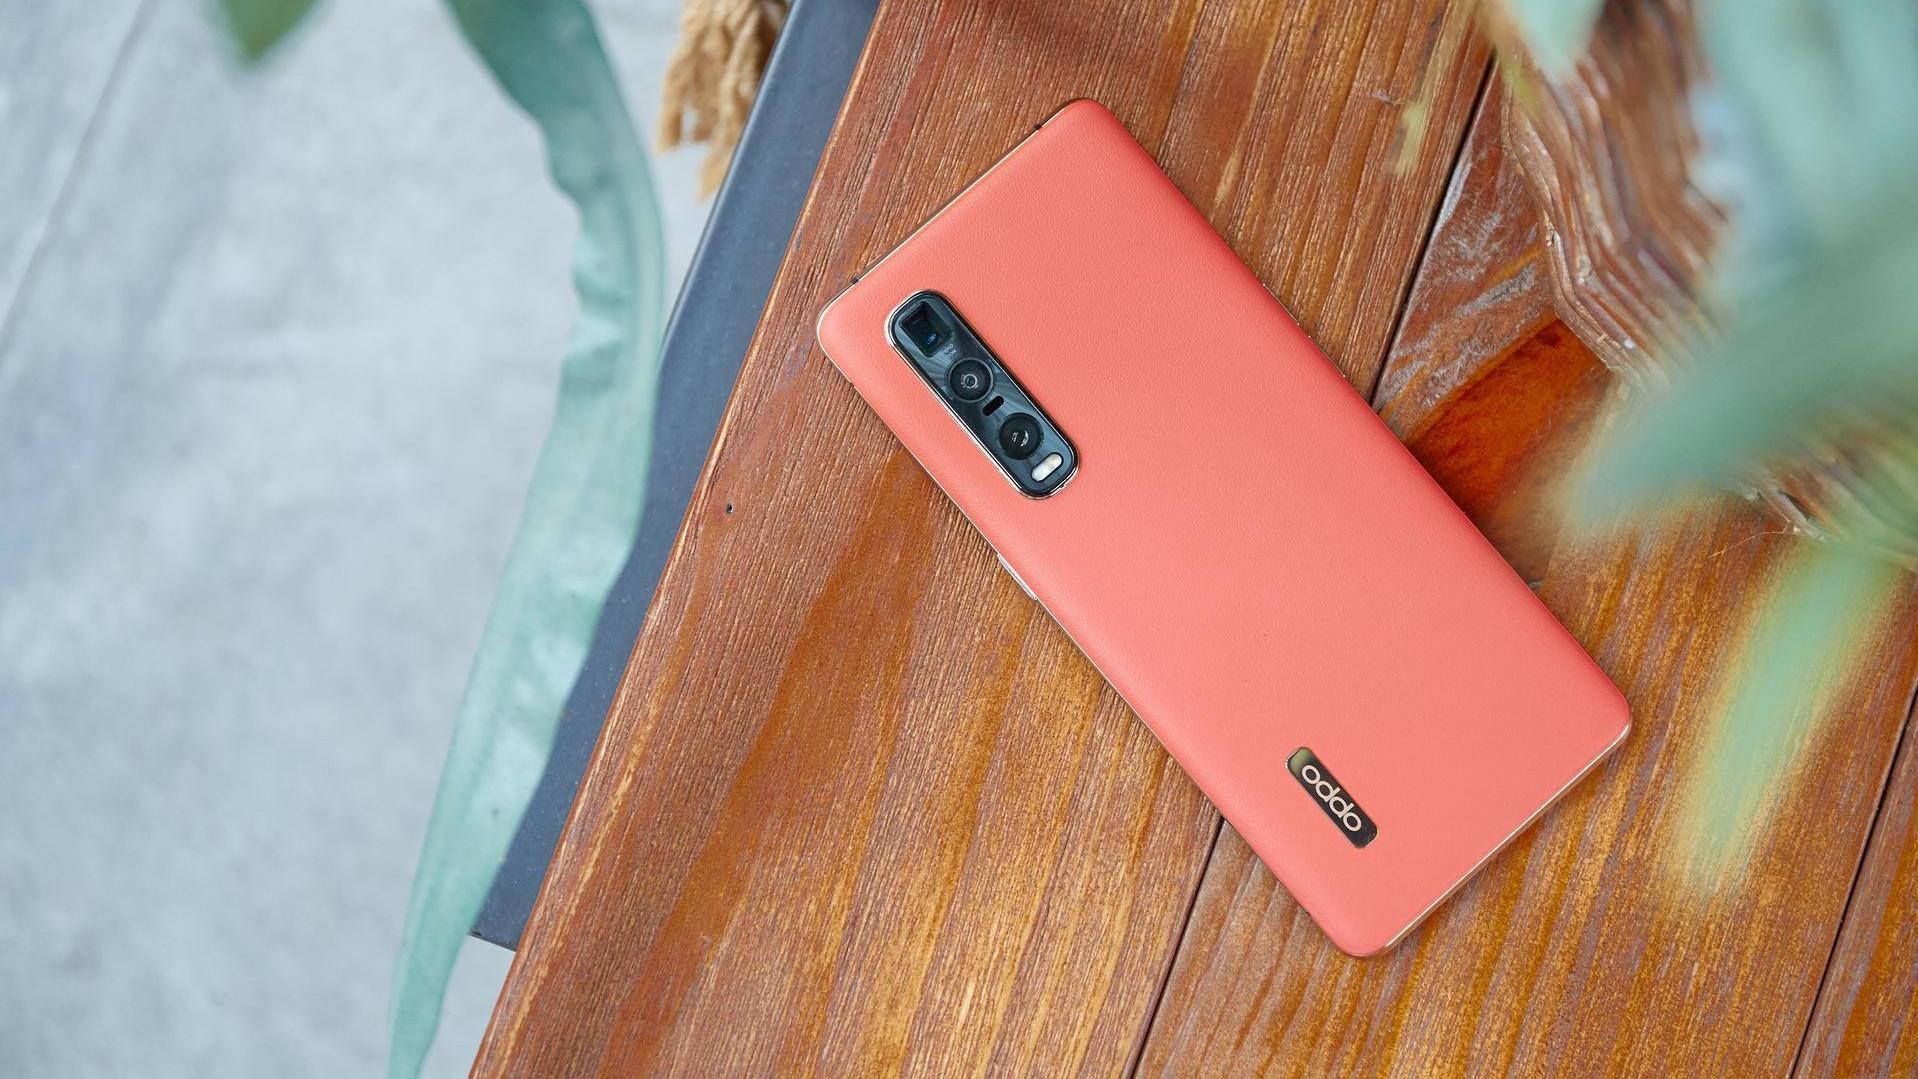 Q3西欧智能手机市场榜单出炉:小米OPPO成绩喜人!